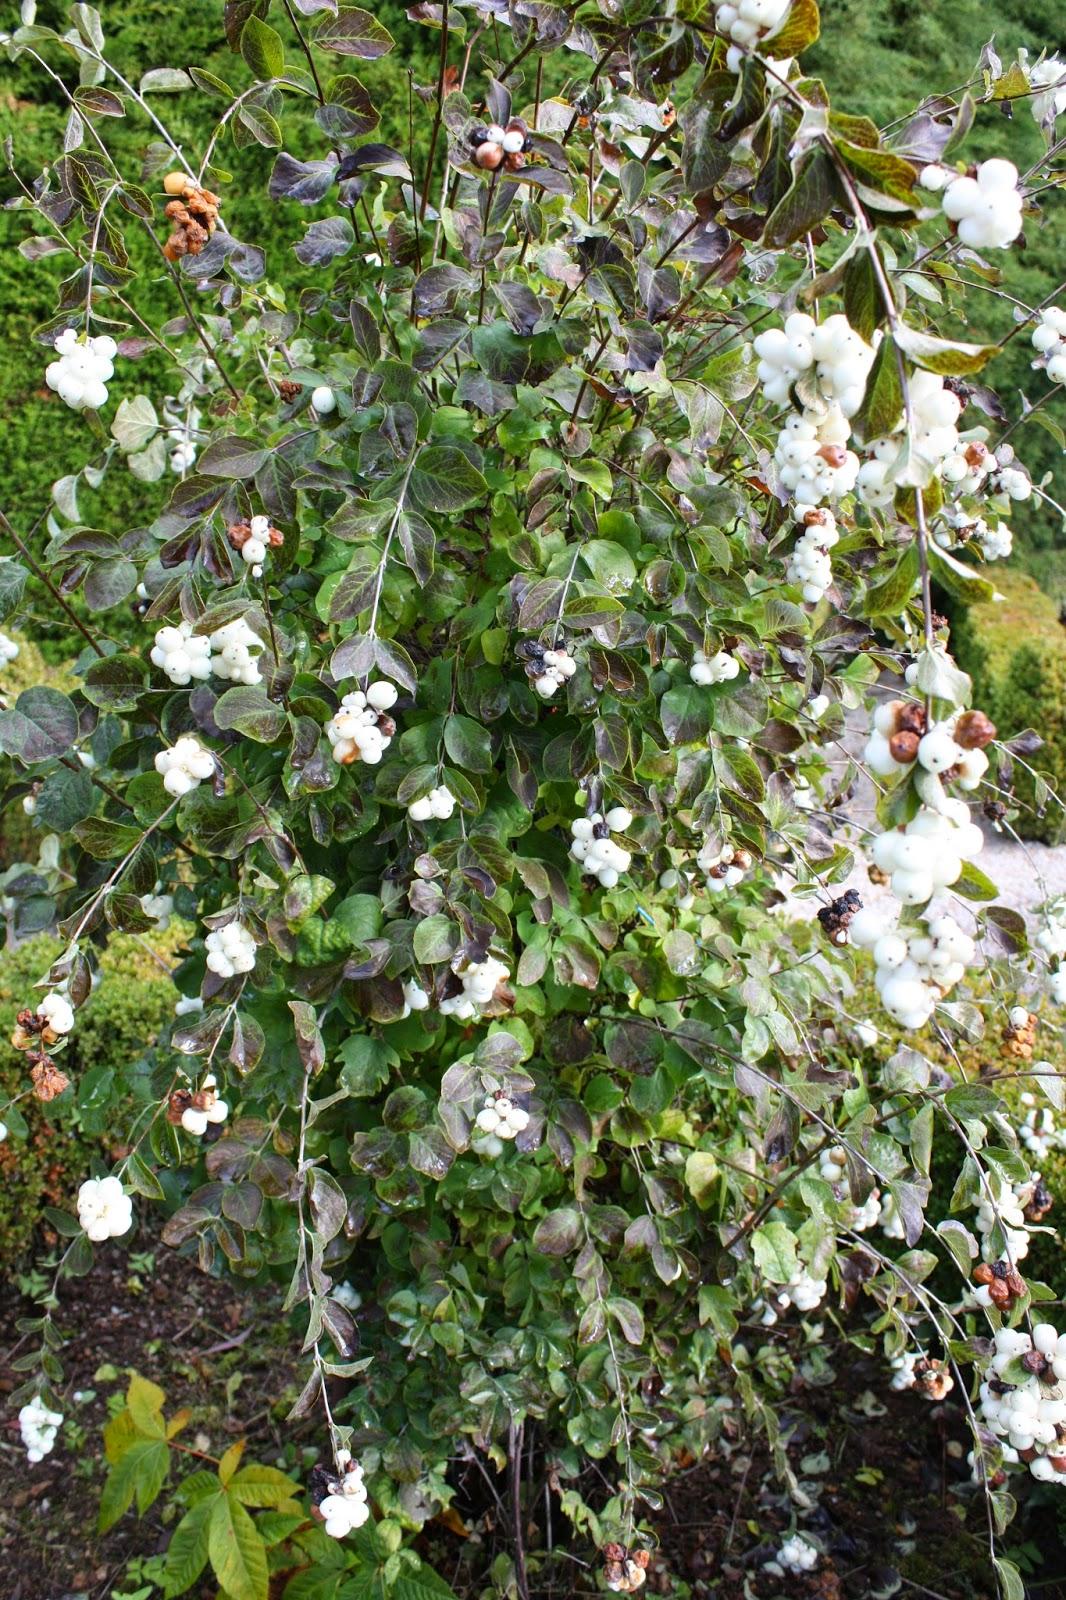 horta porta symphoricarpos albus bola de neve common snowberry arbre aux perles lacrime d. Black Bedroom Furniture Sets. Home Design Ideas